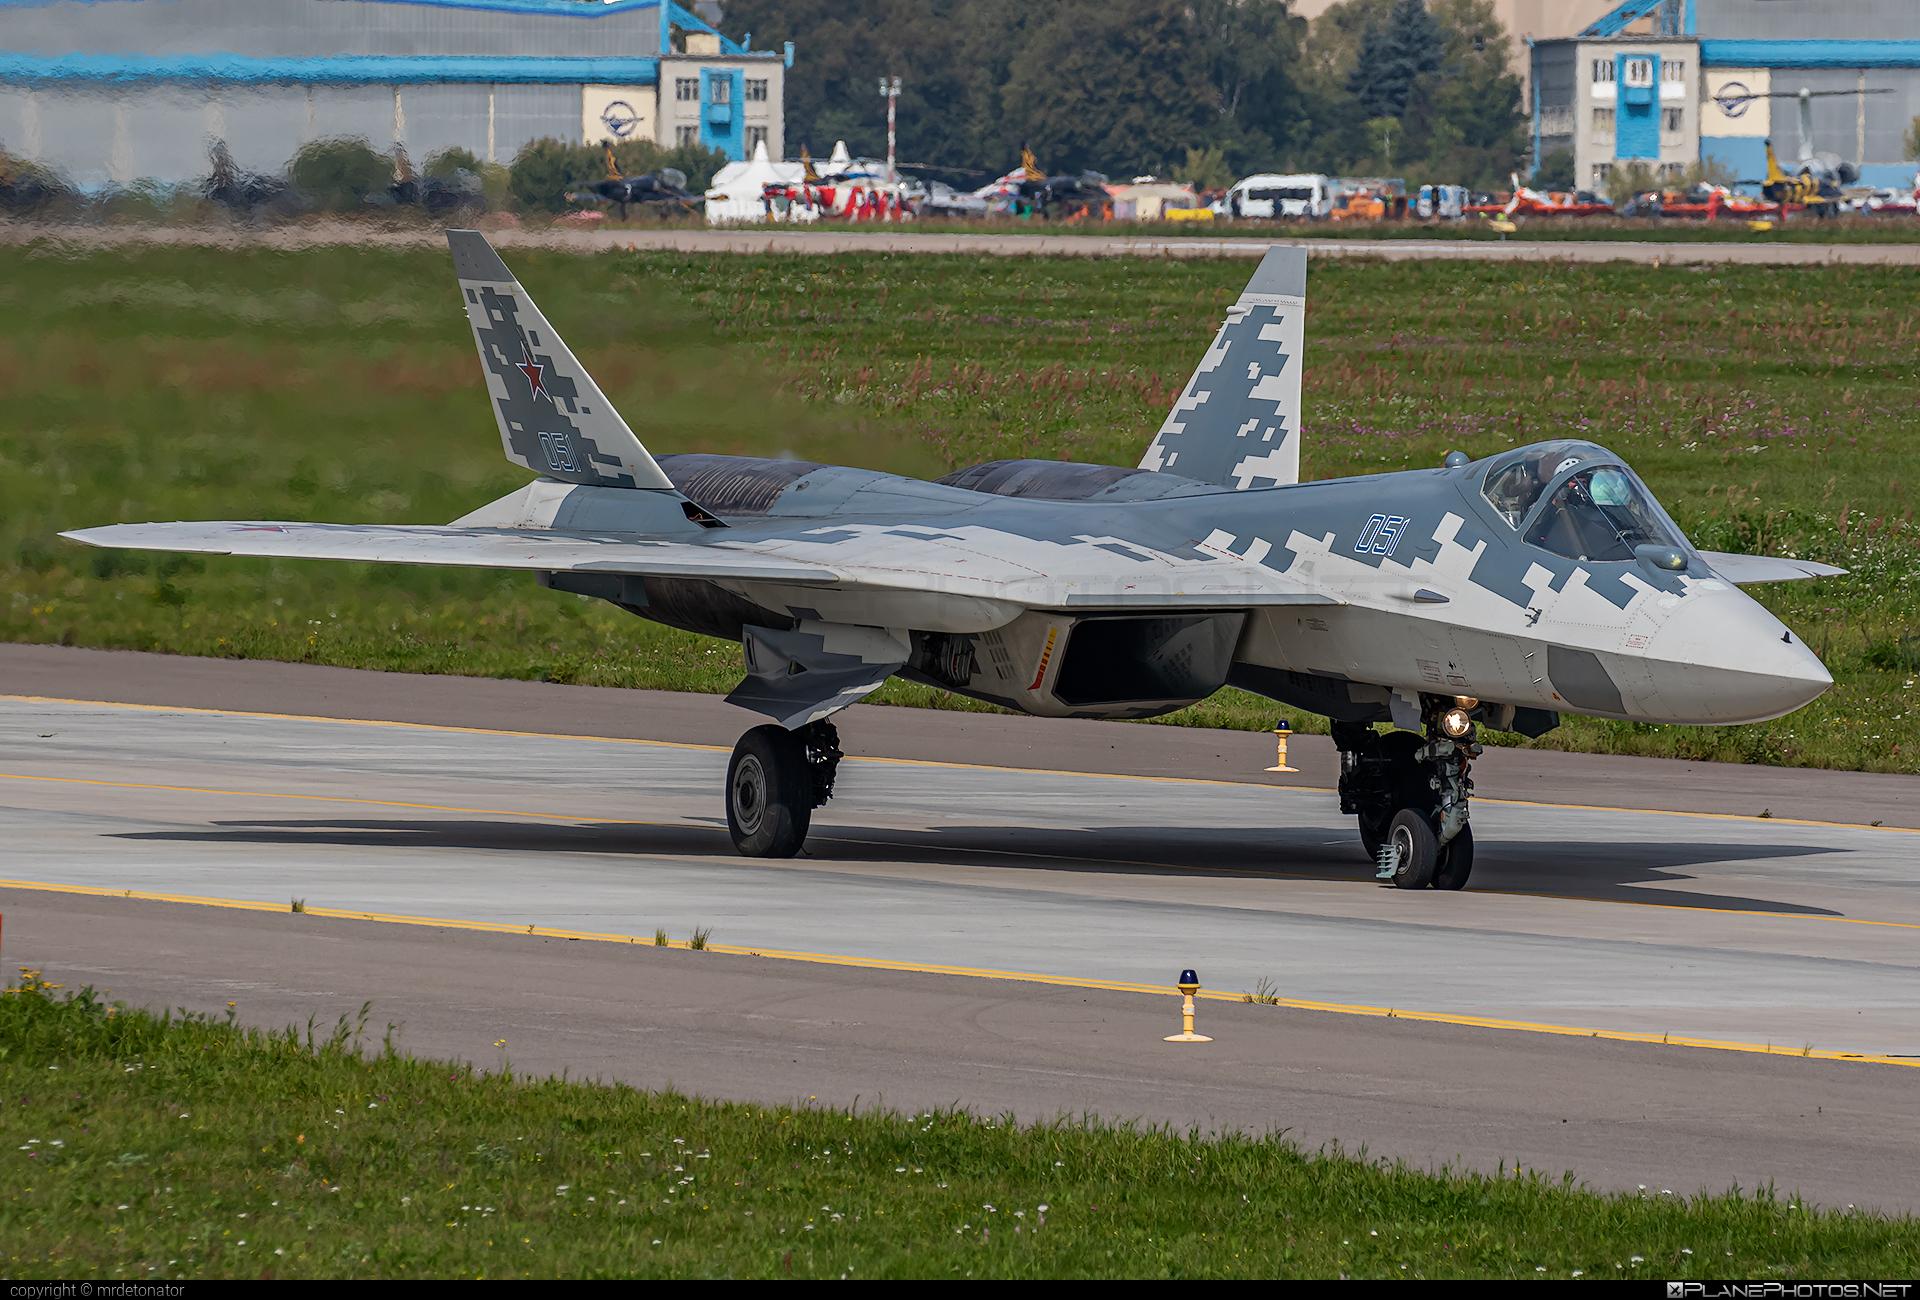 Sukhoi T-50 - 051 operated by Sukhoi Design Bureau #maks2019 #su57 #sukhoi #sukhoi57 #sukhoit50 #t50